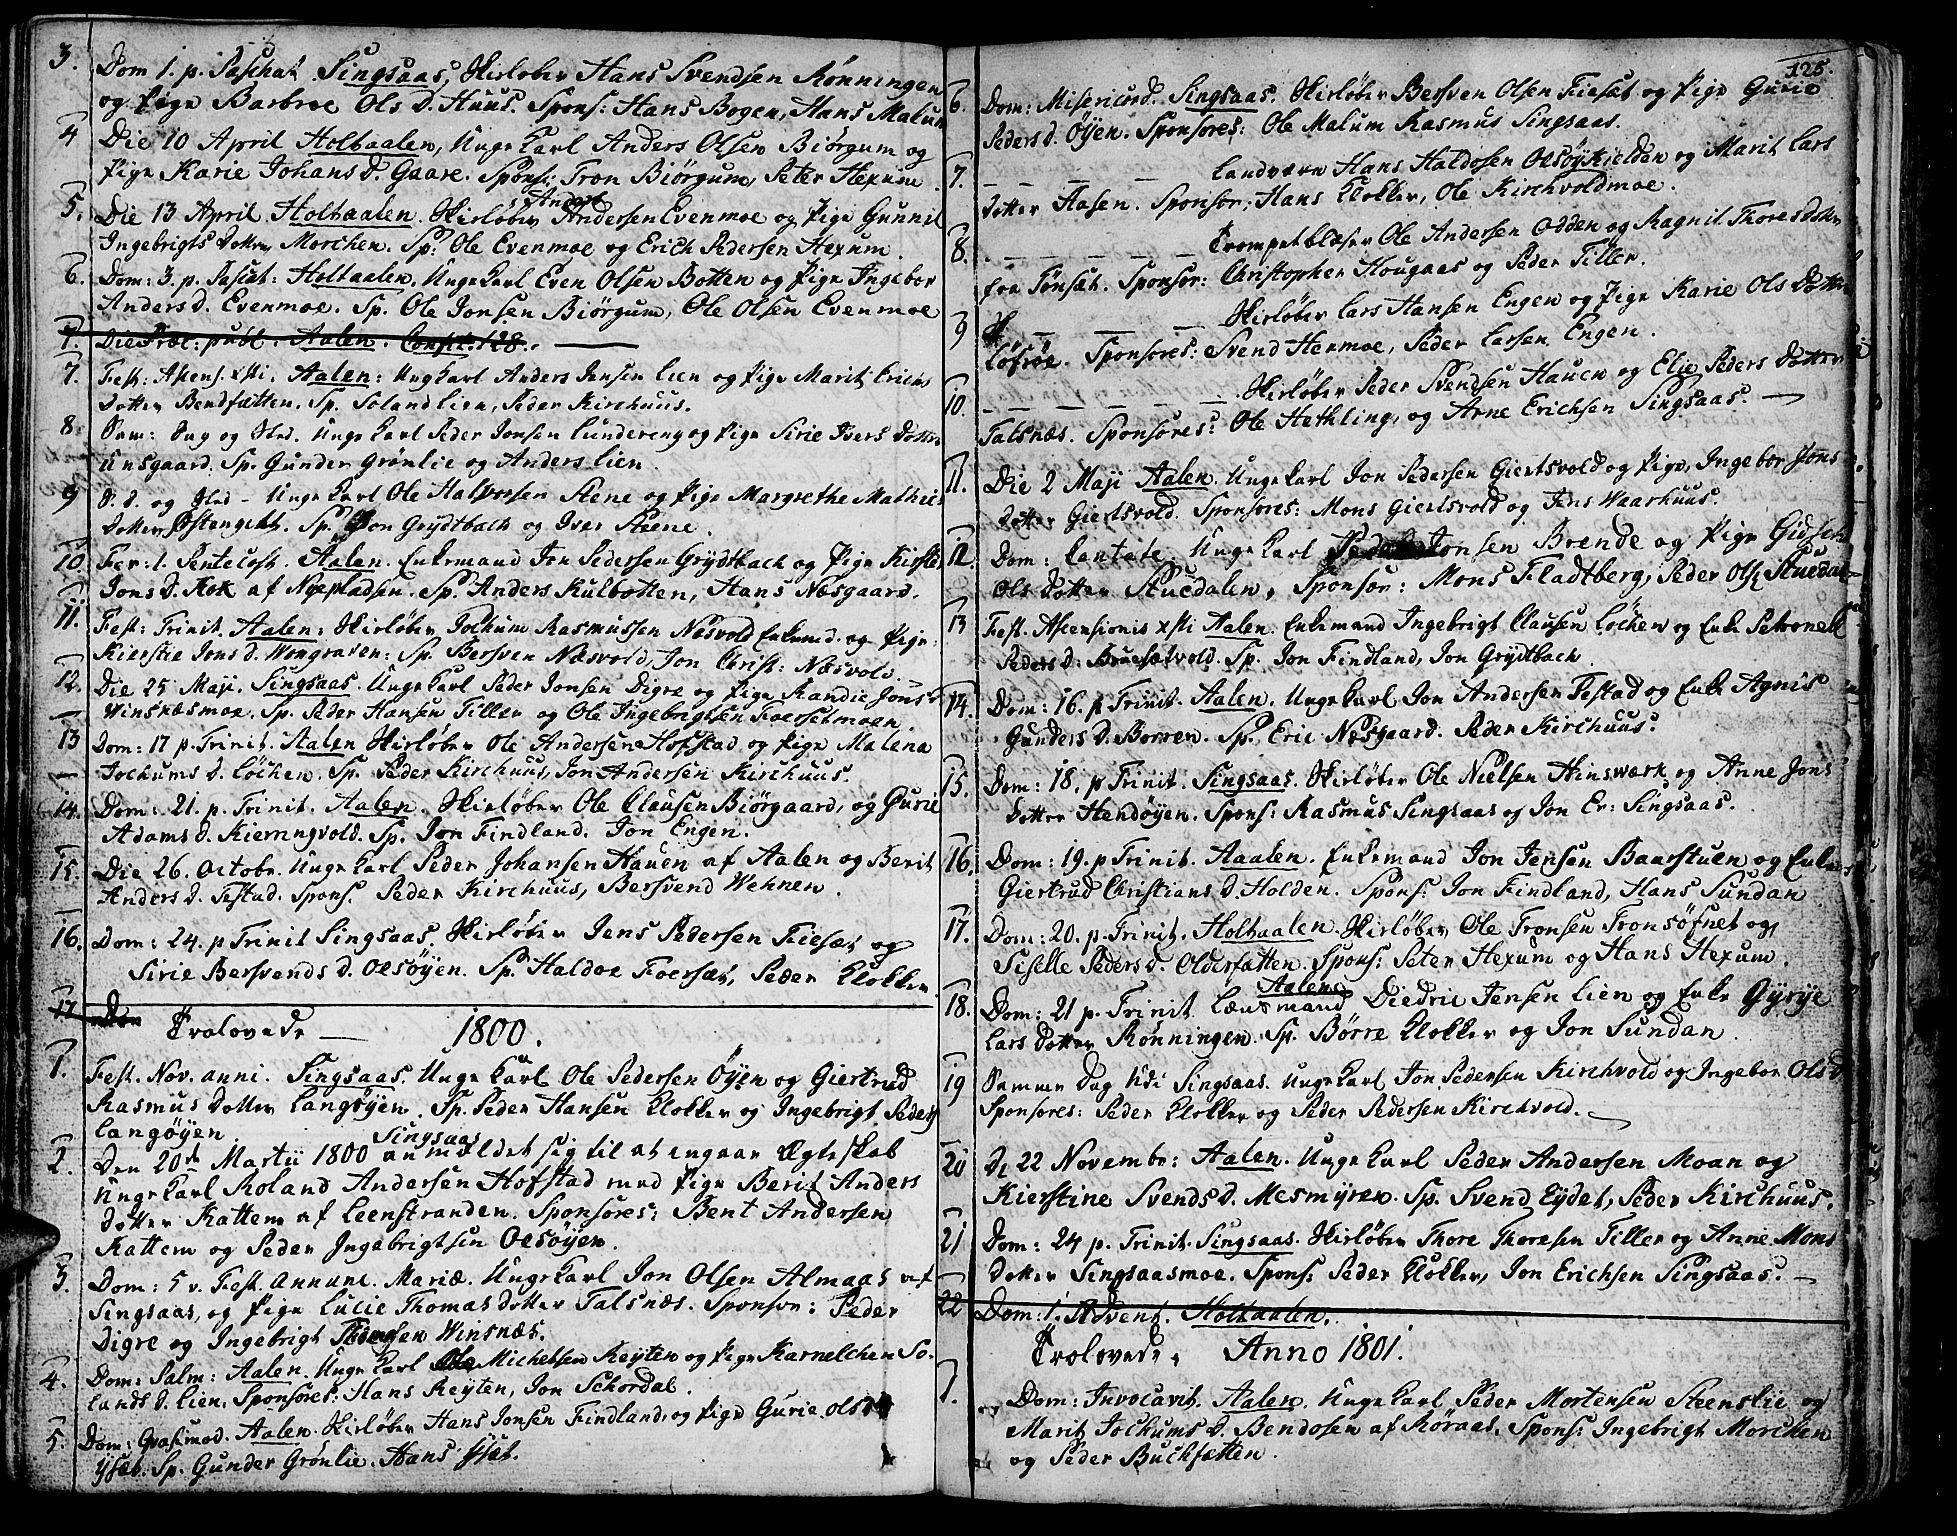 SAT, Ministerialprotokoller, klokkerbøker og fødselsregistre - Sør-Trøndelag, 685/L0952: Ministerialbok nr. 685A01, 1745-1804, s. 125